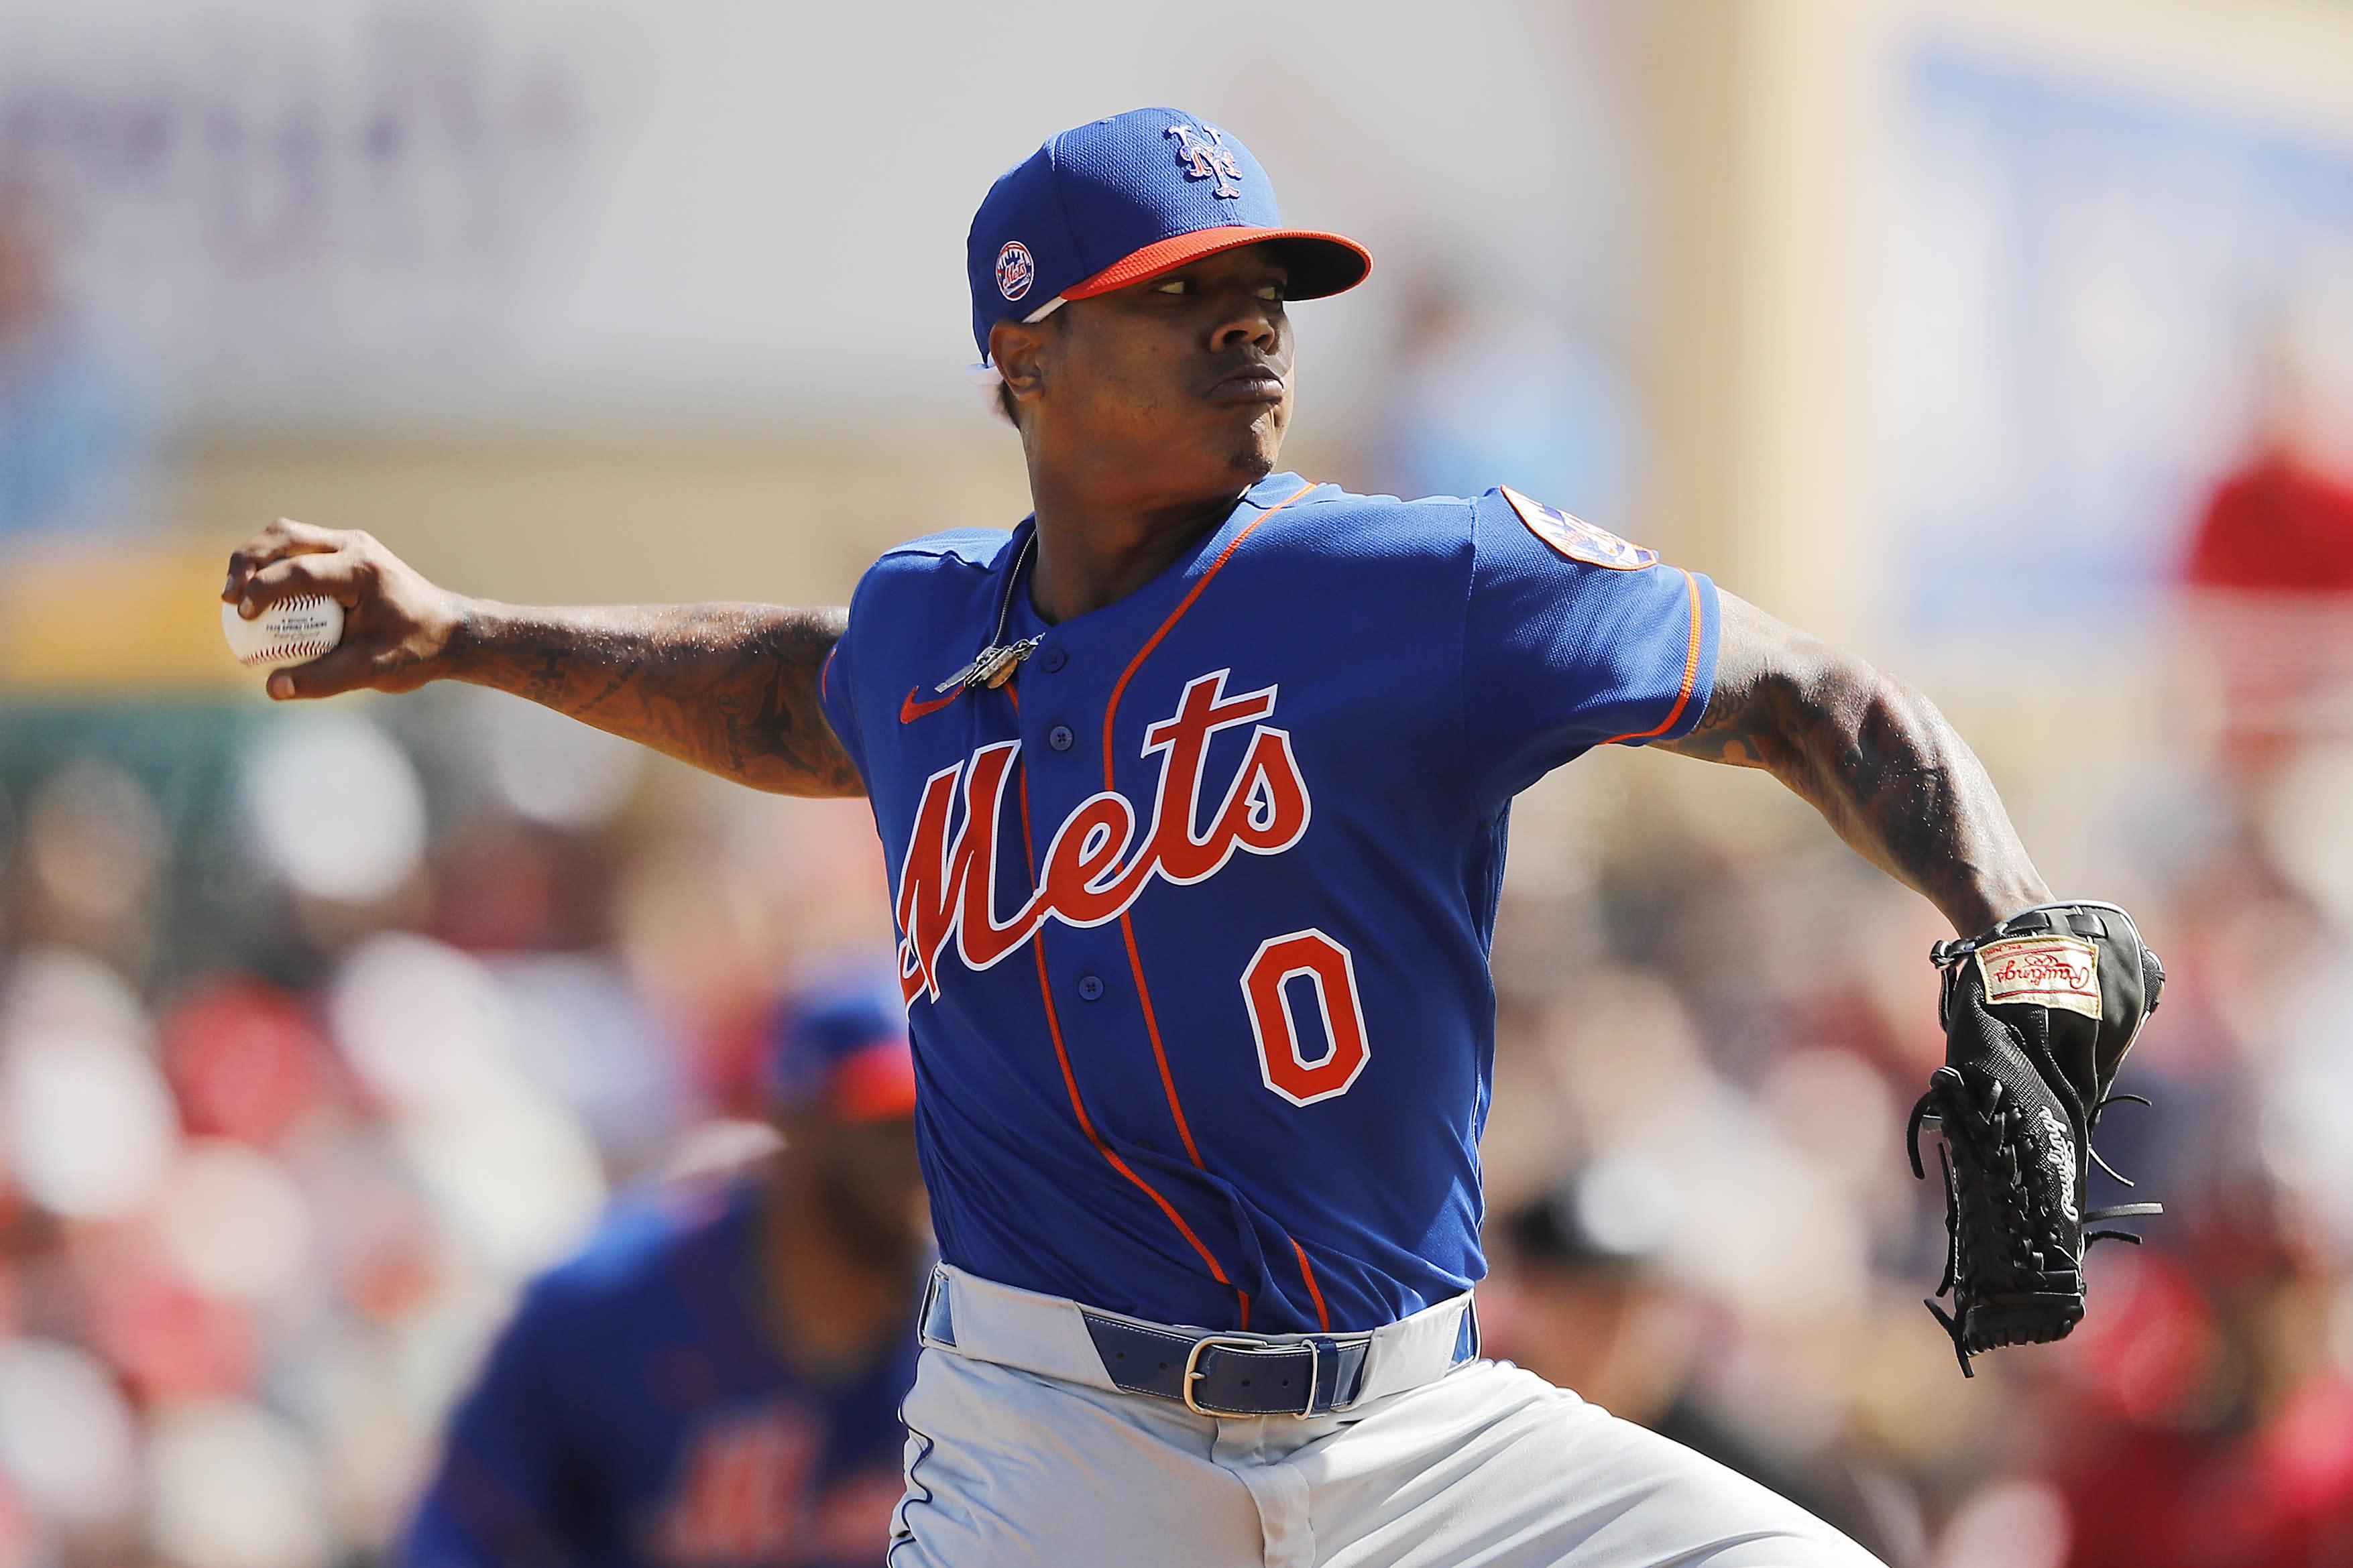 Marcus Stroman renuncia a jugar la temporada de MLB por la pandemia de COVID-19